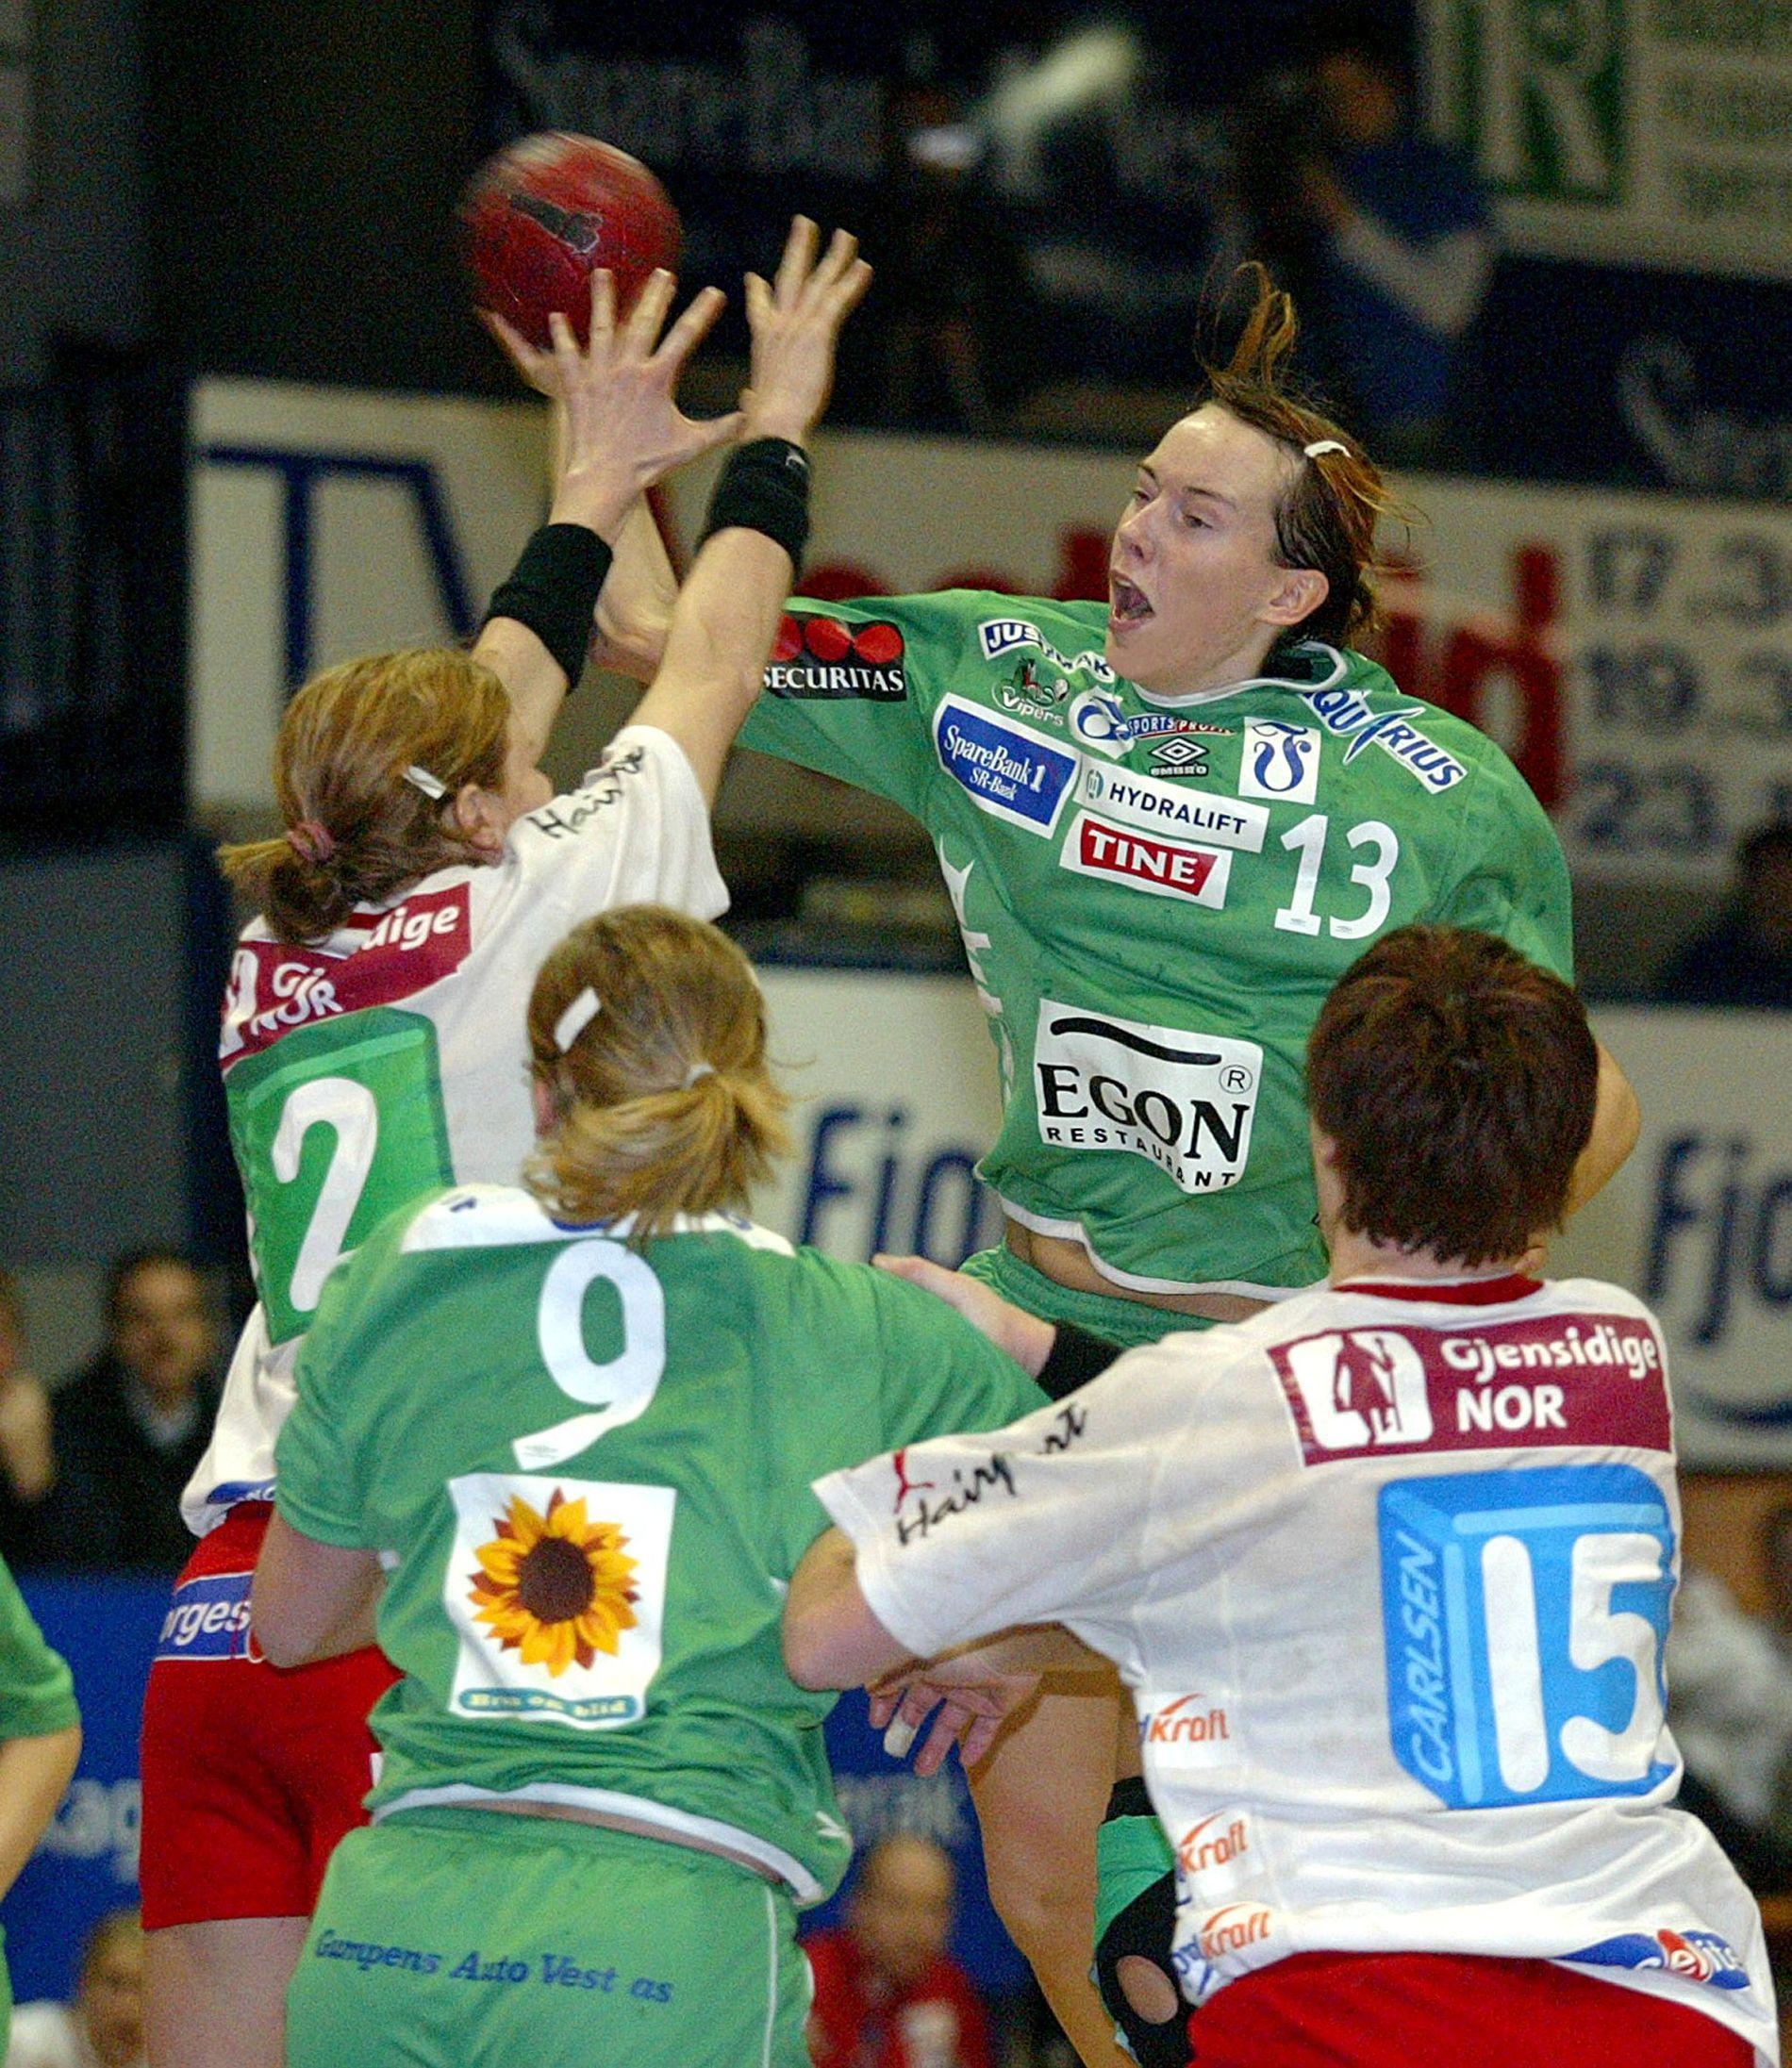 Toppoppgjør mellom Larvik og Våg Vipers i 2003. Kristine Lunde spiller inn til strek over Larviks Tonje Larsen. Foran med ryggen til Marianne Gundersen (Våg) og Katja Nyberg. Våg tapte 26–38.